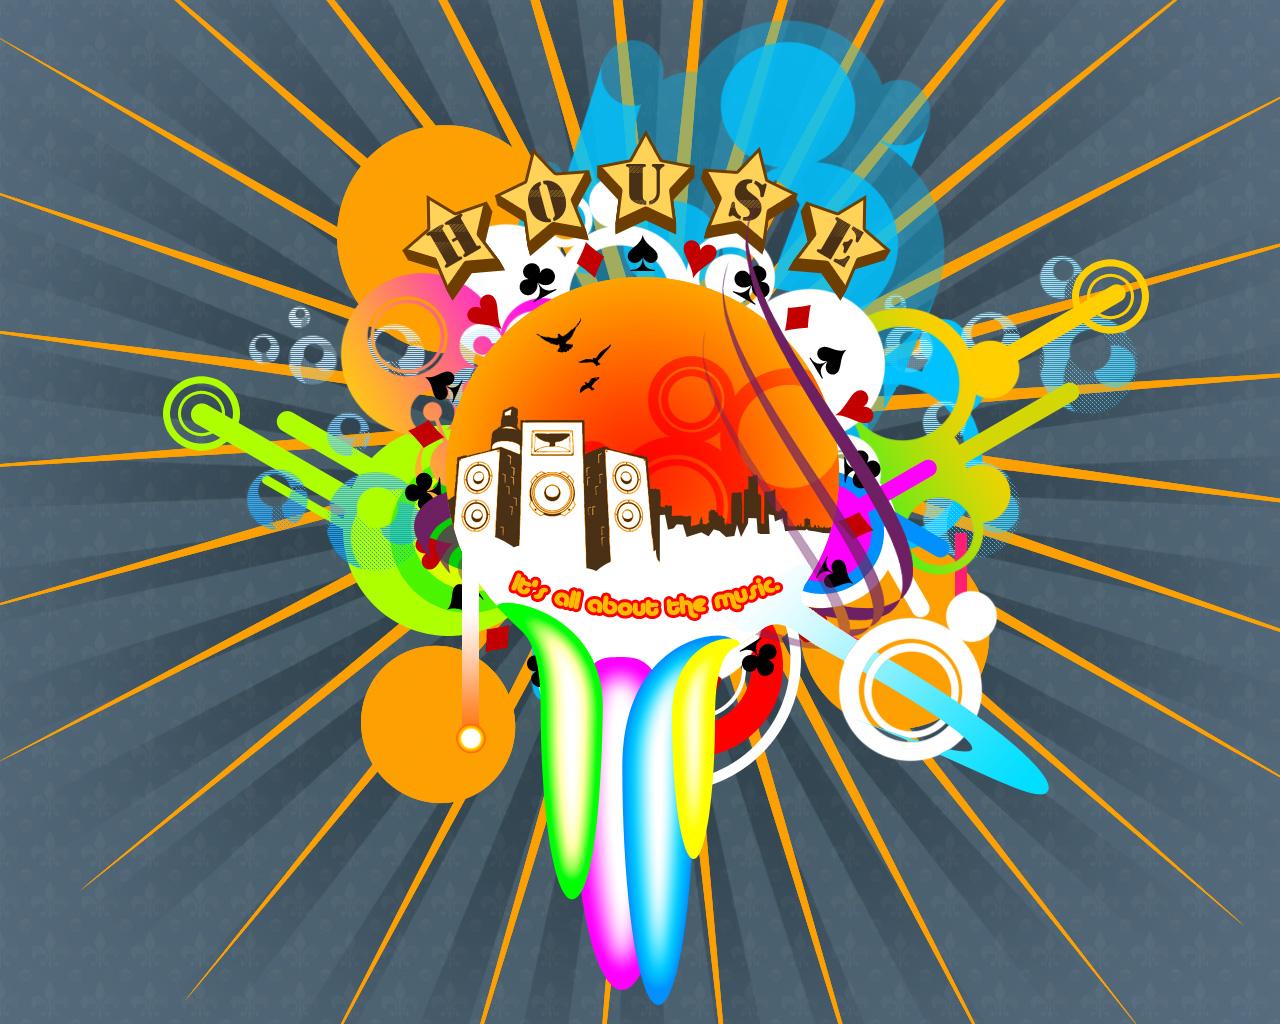 http://1.bp.blogspot.com/-Qsoq7sfweZ4/TzHVYrP1pdI/AAAAAAAAAdc/KEG4jyag9vM/s1600/house_music_wallpaper_by_misogii.jpg